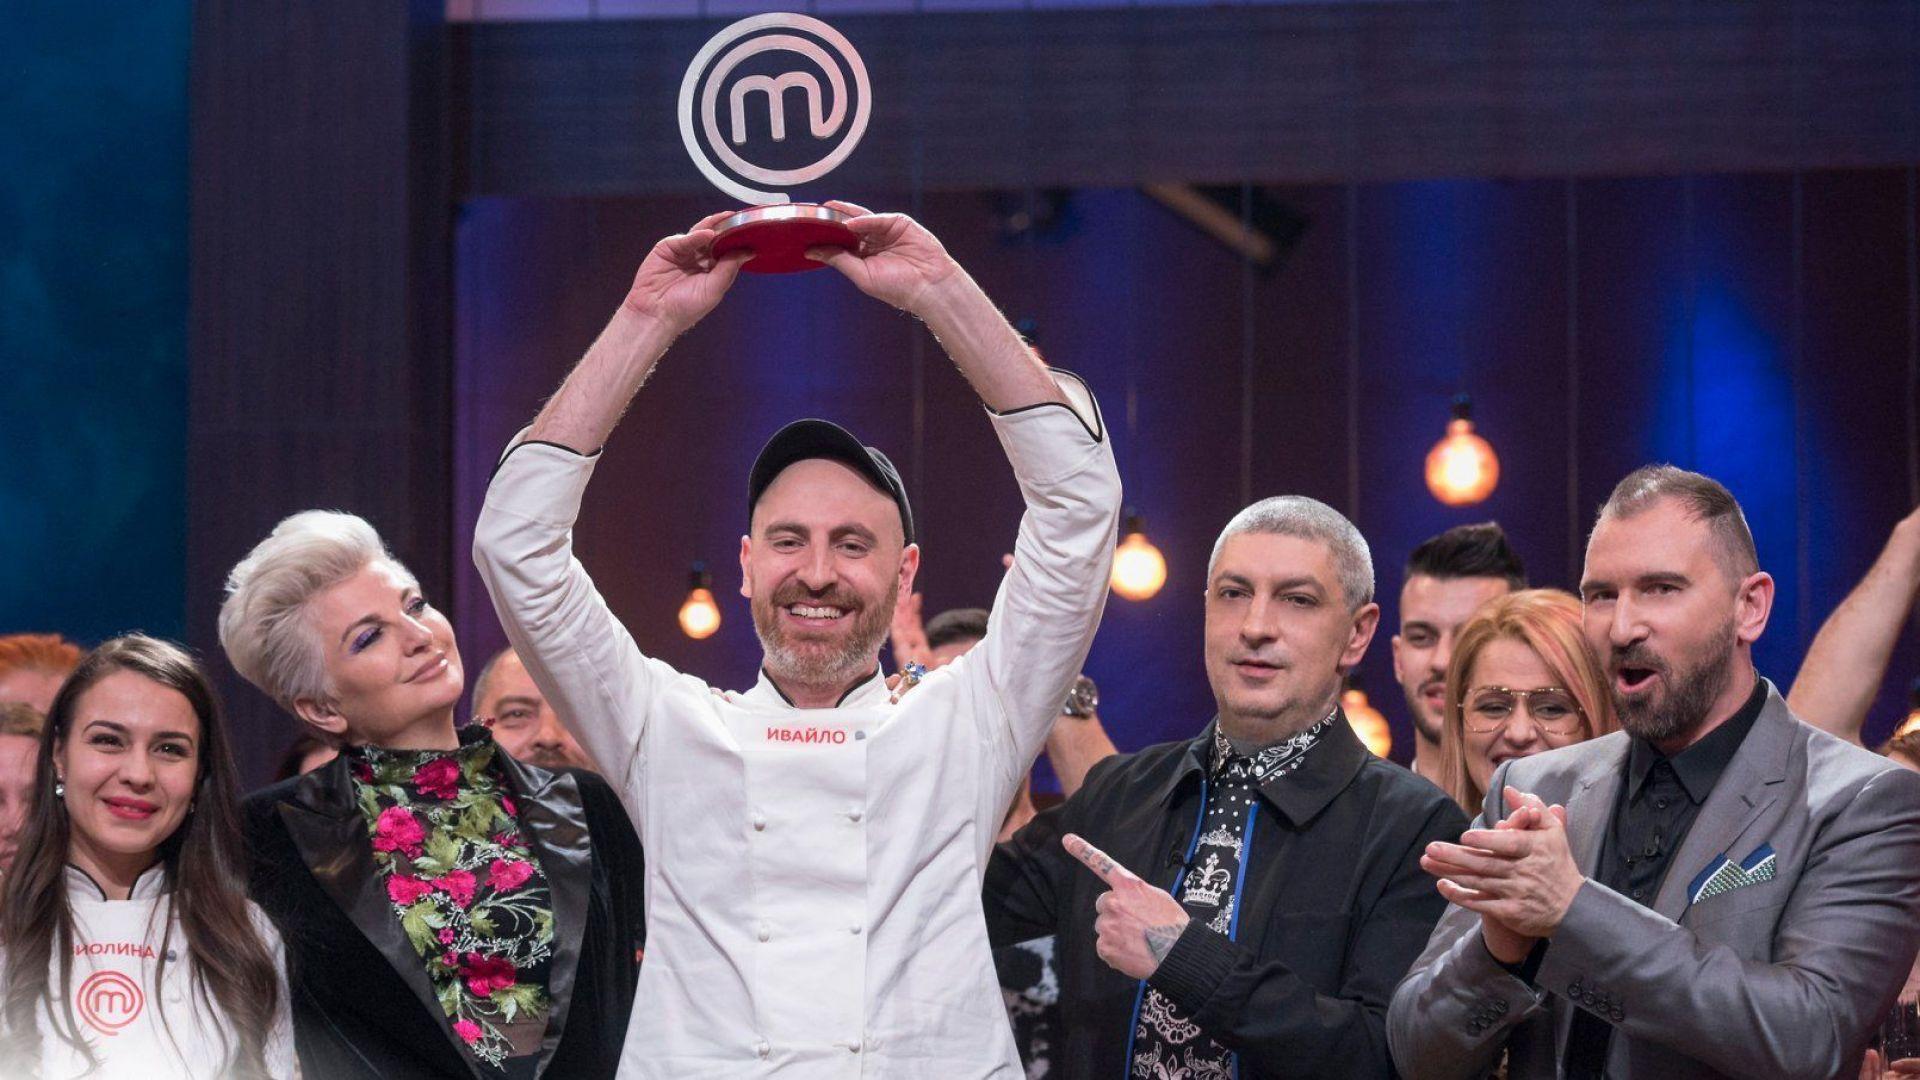 Интелектуалецът Ивайло спечели готварското шоу MasterChef и 100 000 лева